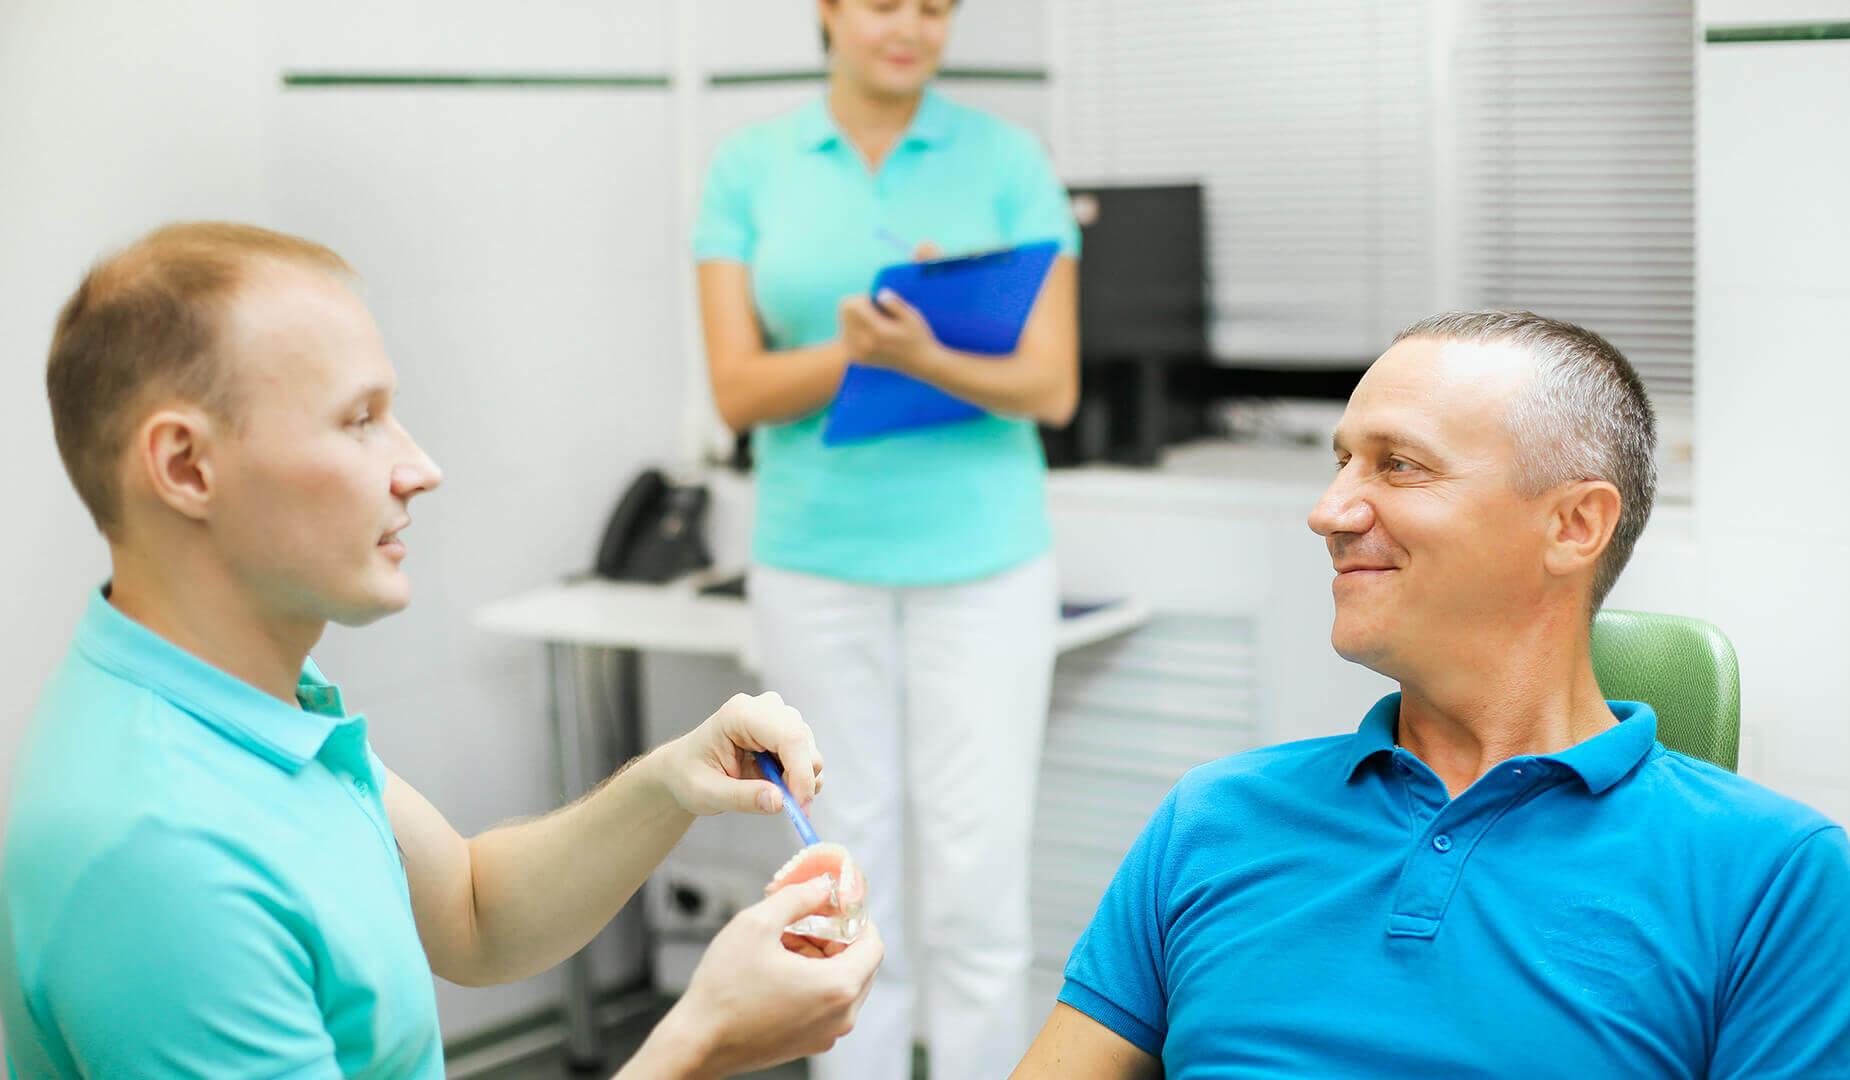 Врач показывает пациенту макет челюсти с установленным имплантом